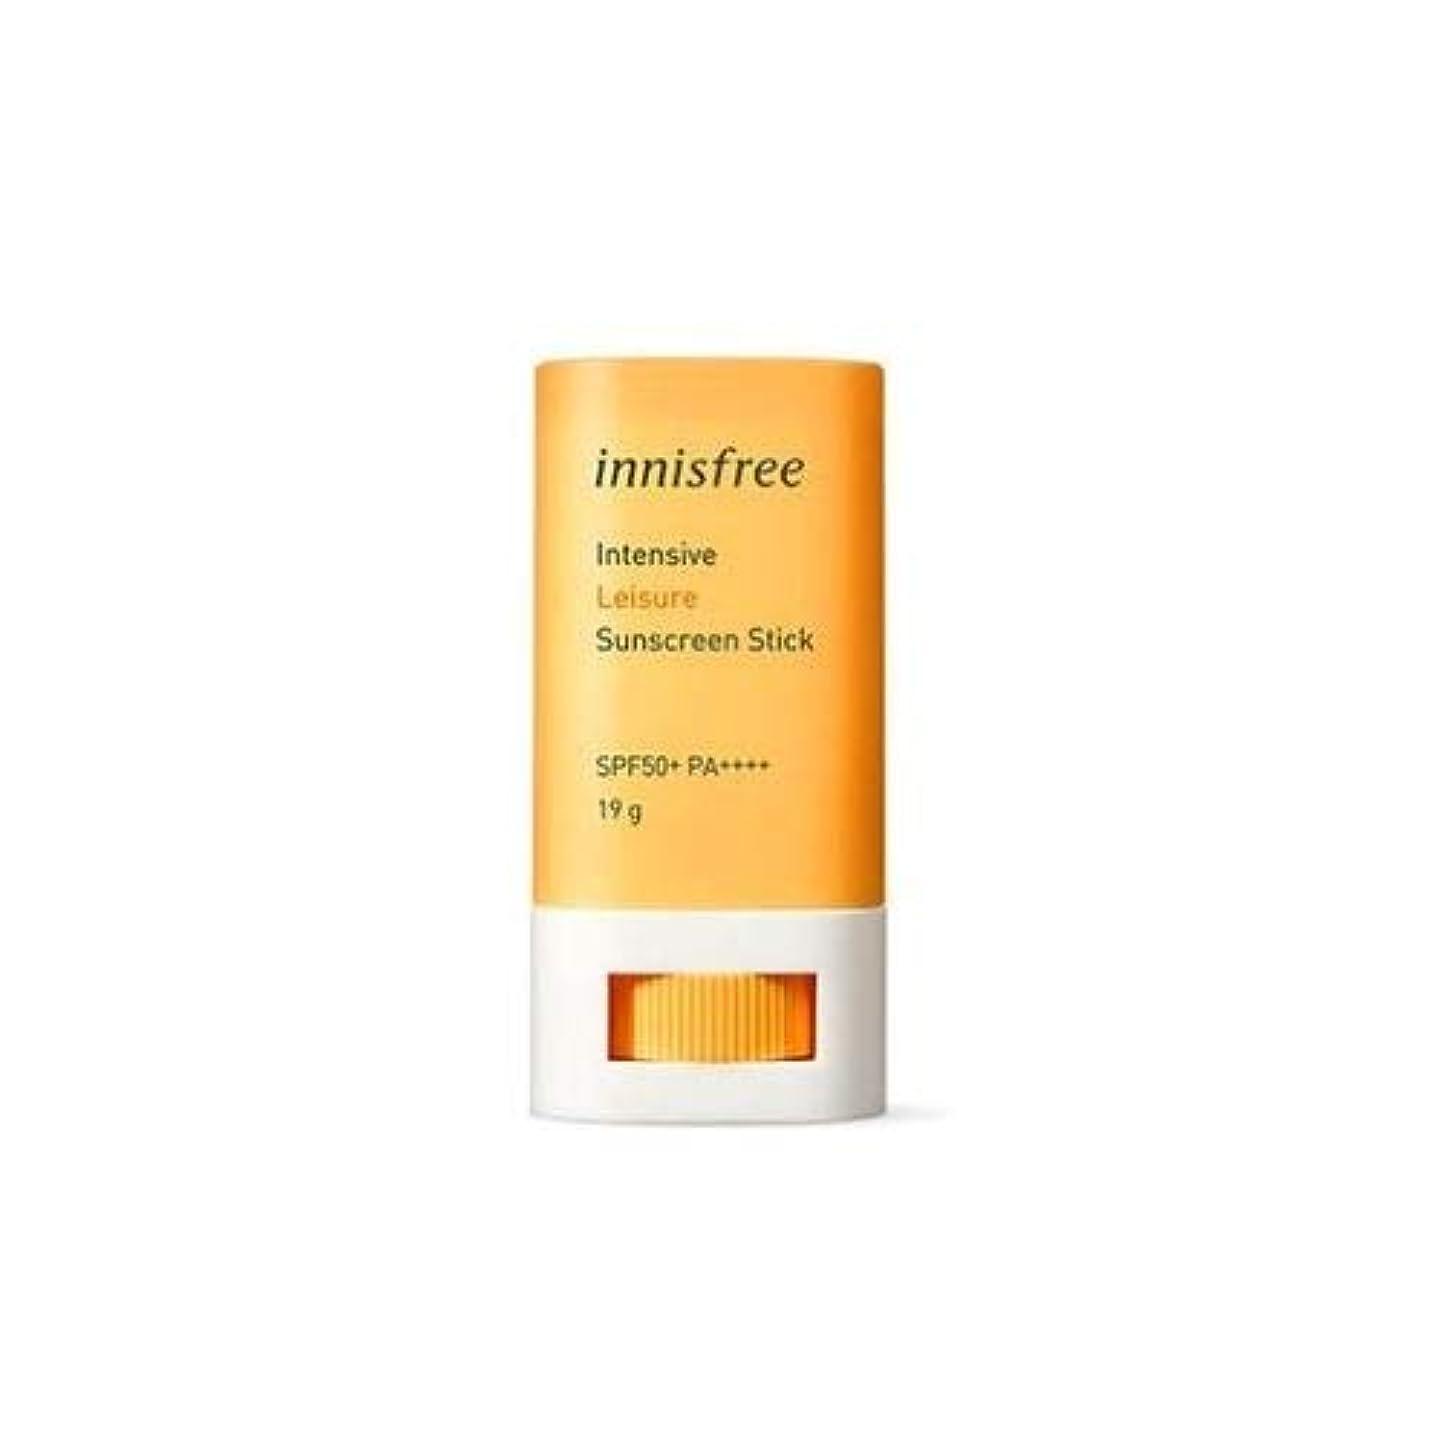 広がり粘液興奮イ二スフリー インテンシブ レジャー サンスクリーン スティック SPF50+ PA++++ / Innisfree Intensive Leisure Suncreen Stick 19g [並行輸入品]